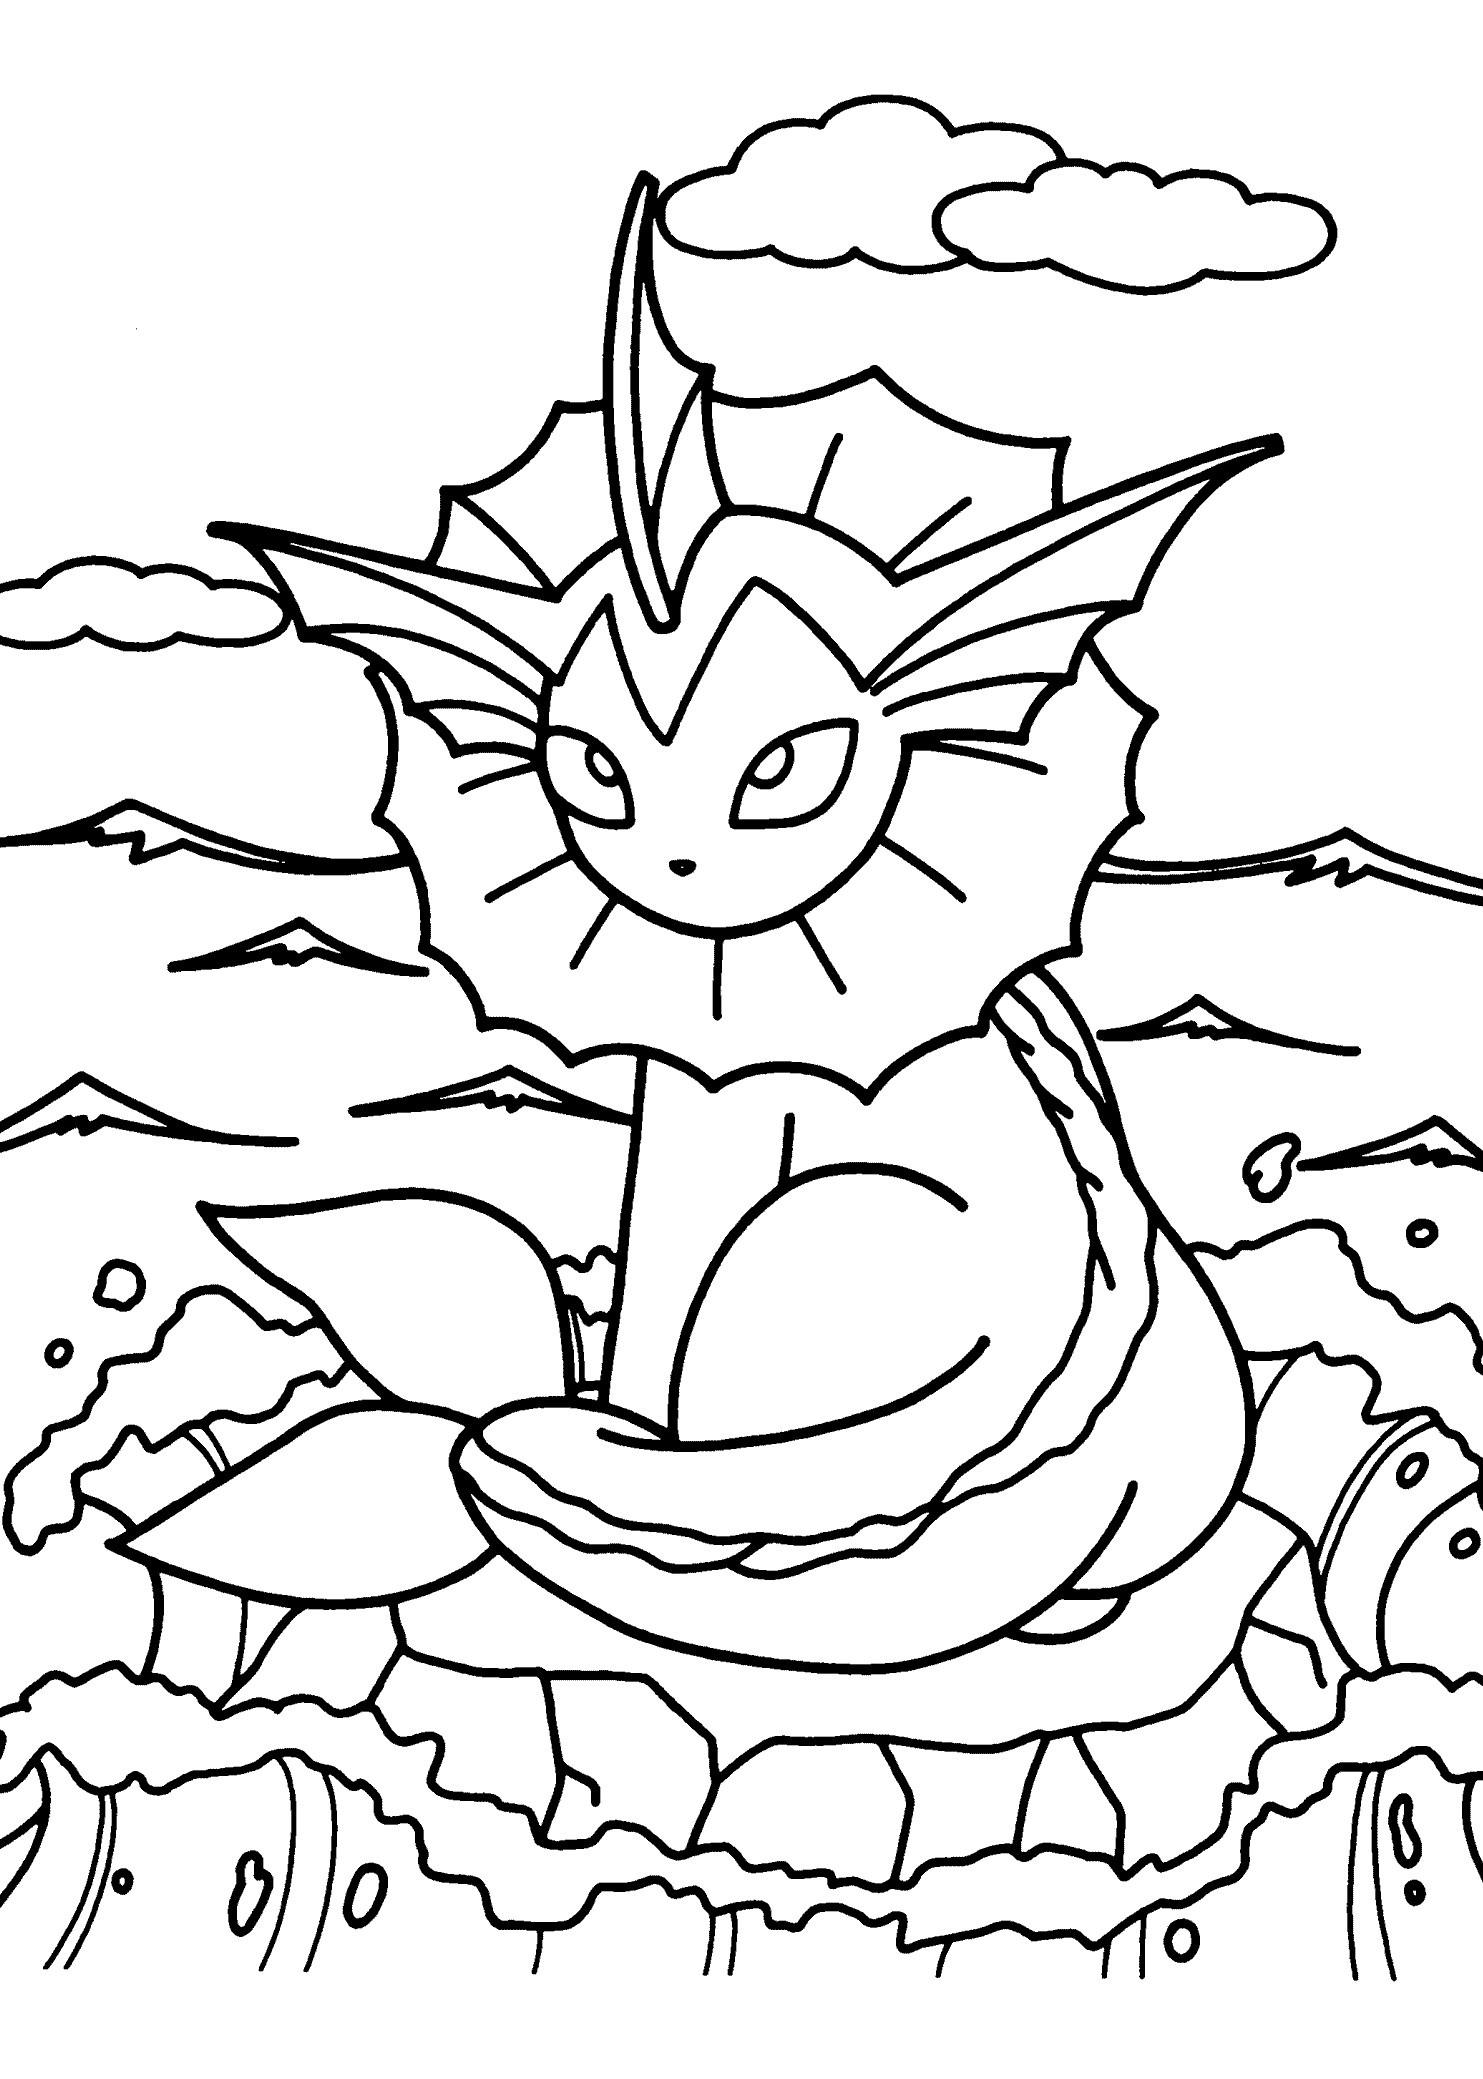 Ausmalbilder Minnie Maus Genial 37 Ausmalbilder Minni Maus Scoredatscore Schön Ausmalbilder Pikachu Galerie